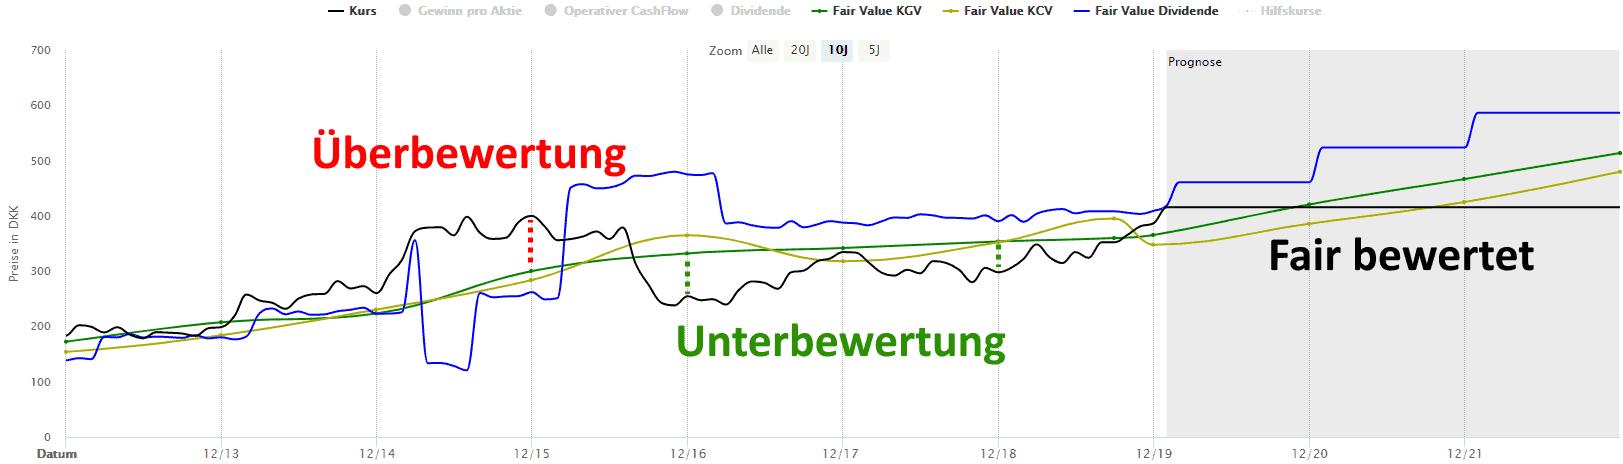 Novo Nordisk Aktie Bewertung